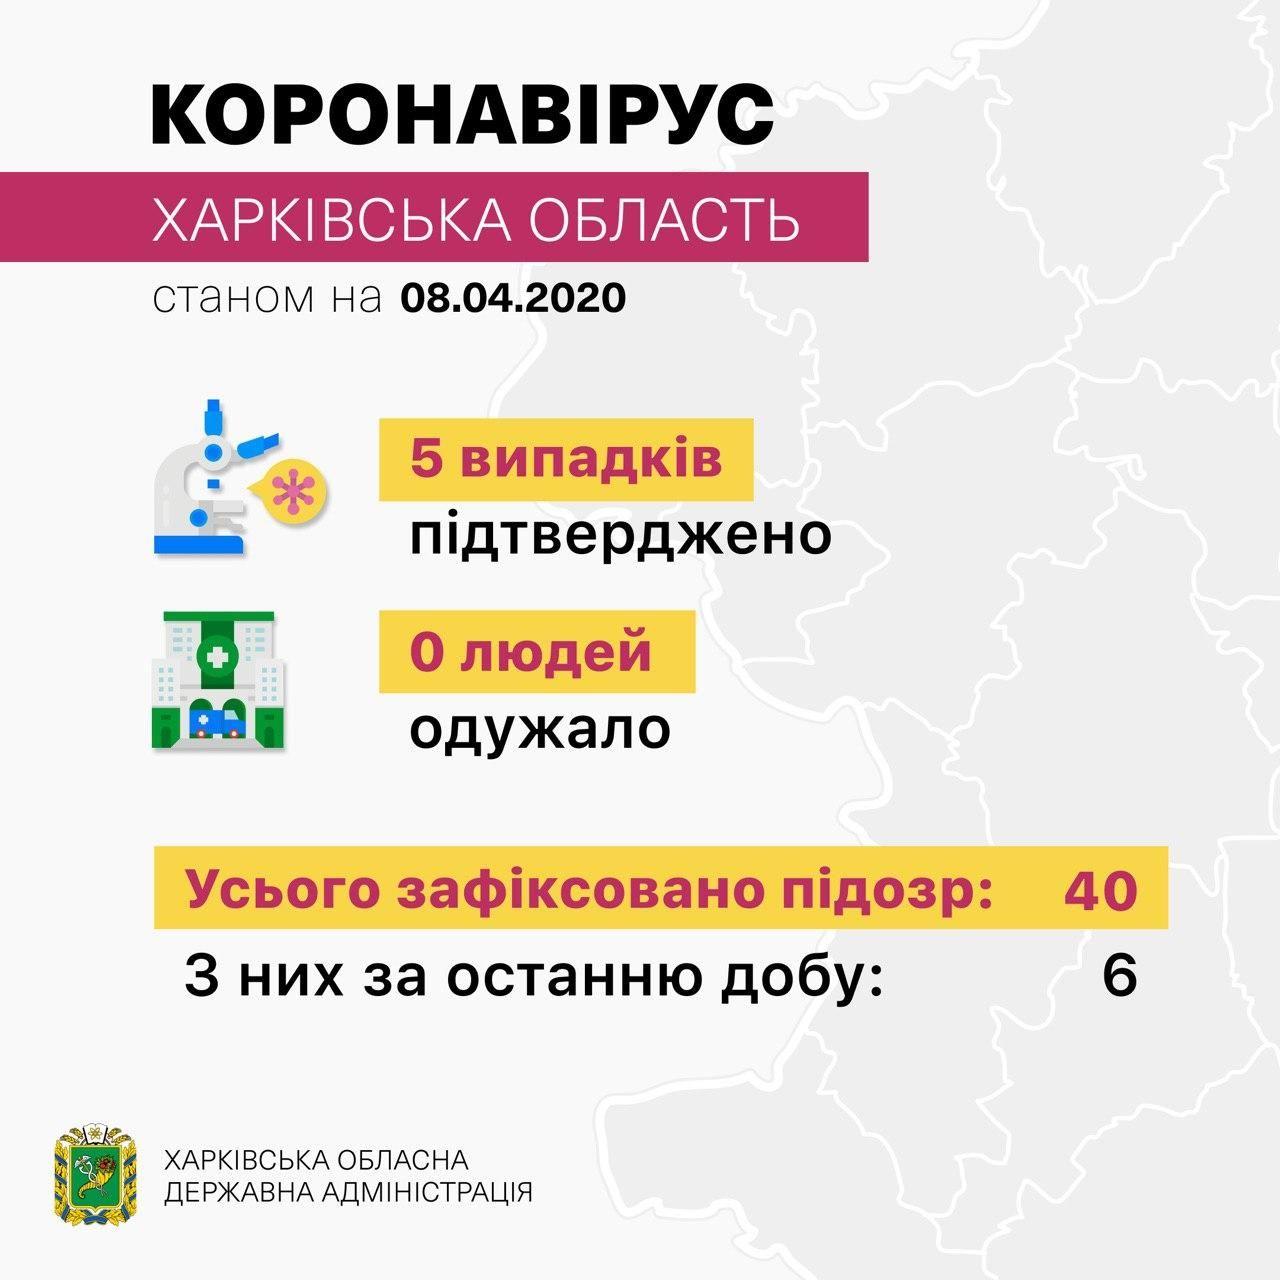 На Харківщині вже 5 випадків захворювання коронавірусом, - МОЗ